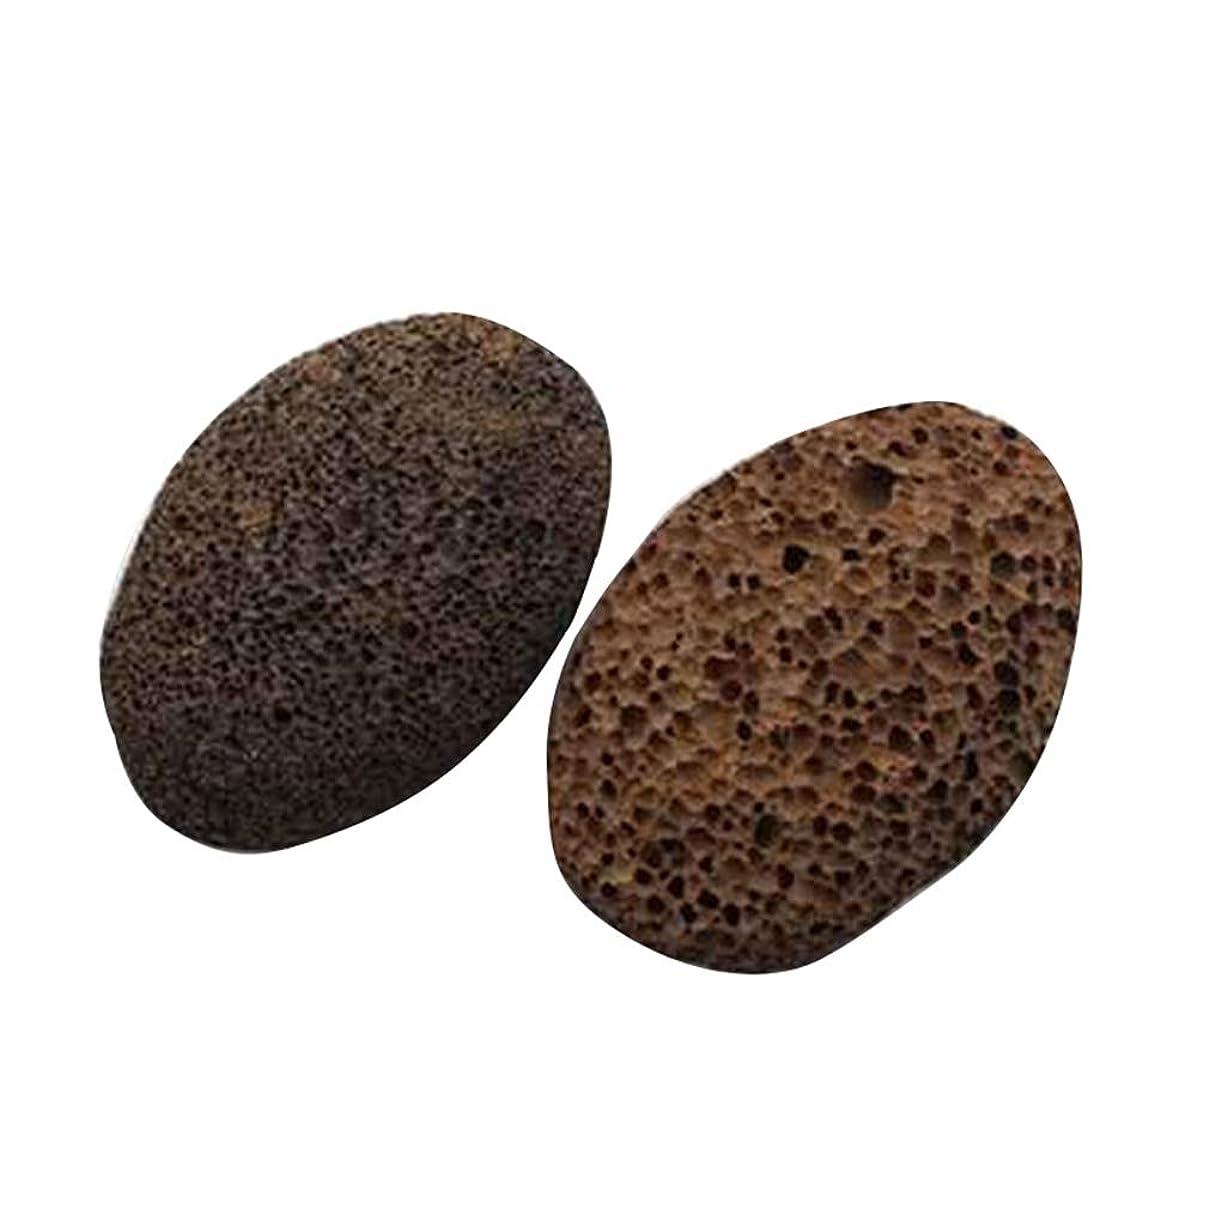 足首吸収マニアックNerhaily 死んだ皮軽石を取り除き 足石を挽いて 自然の火山石を剥がします 足マッサージ石 ワイプ足石 2個セット